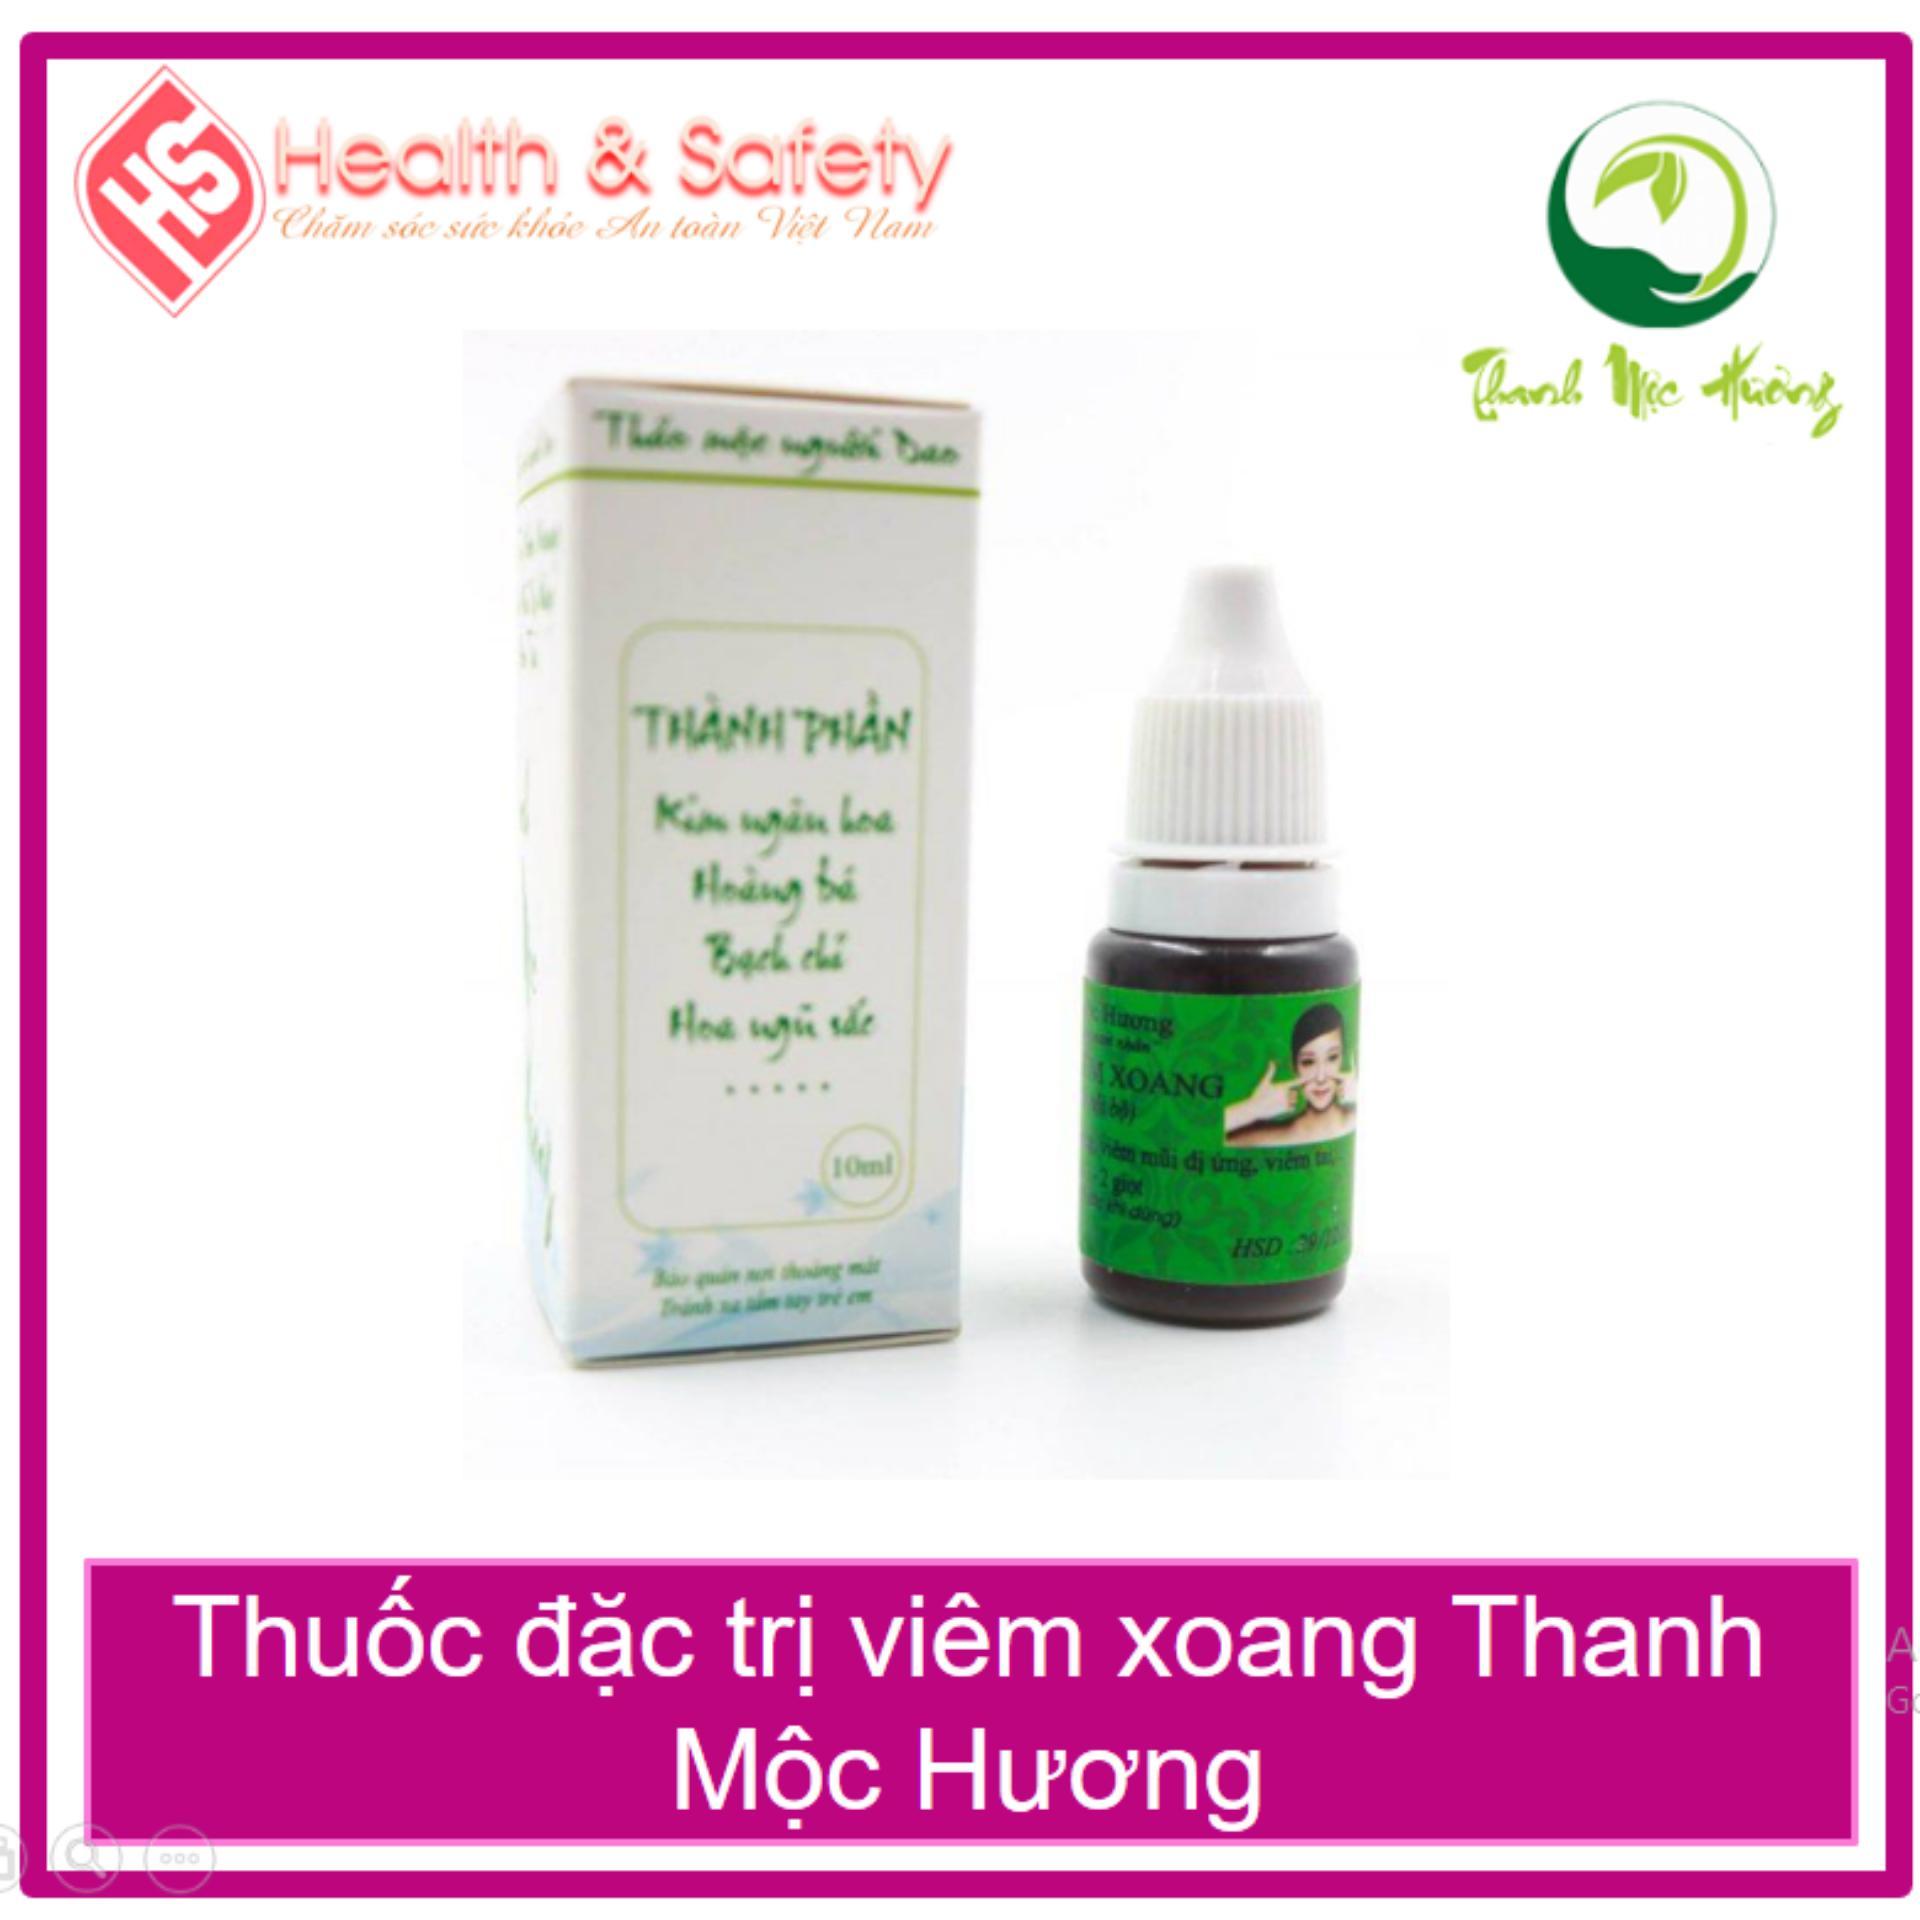 Thảo Dược viêm xoang Thanh Mộc Hương